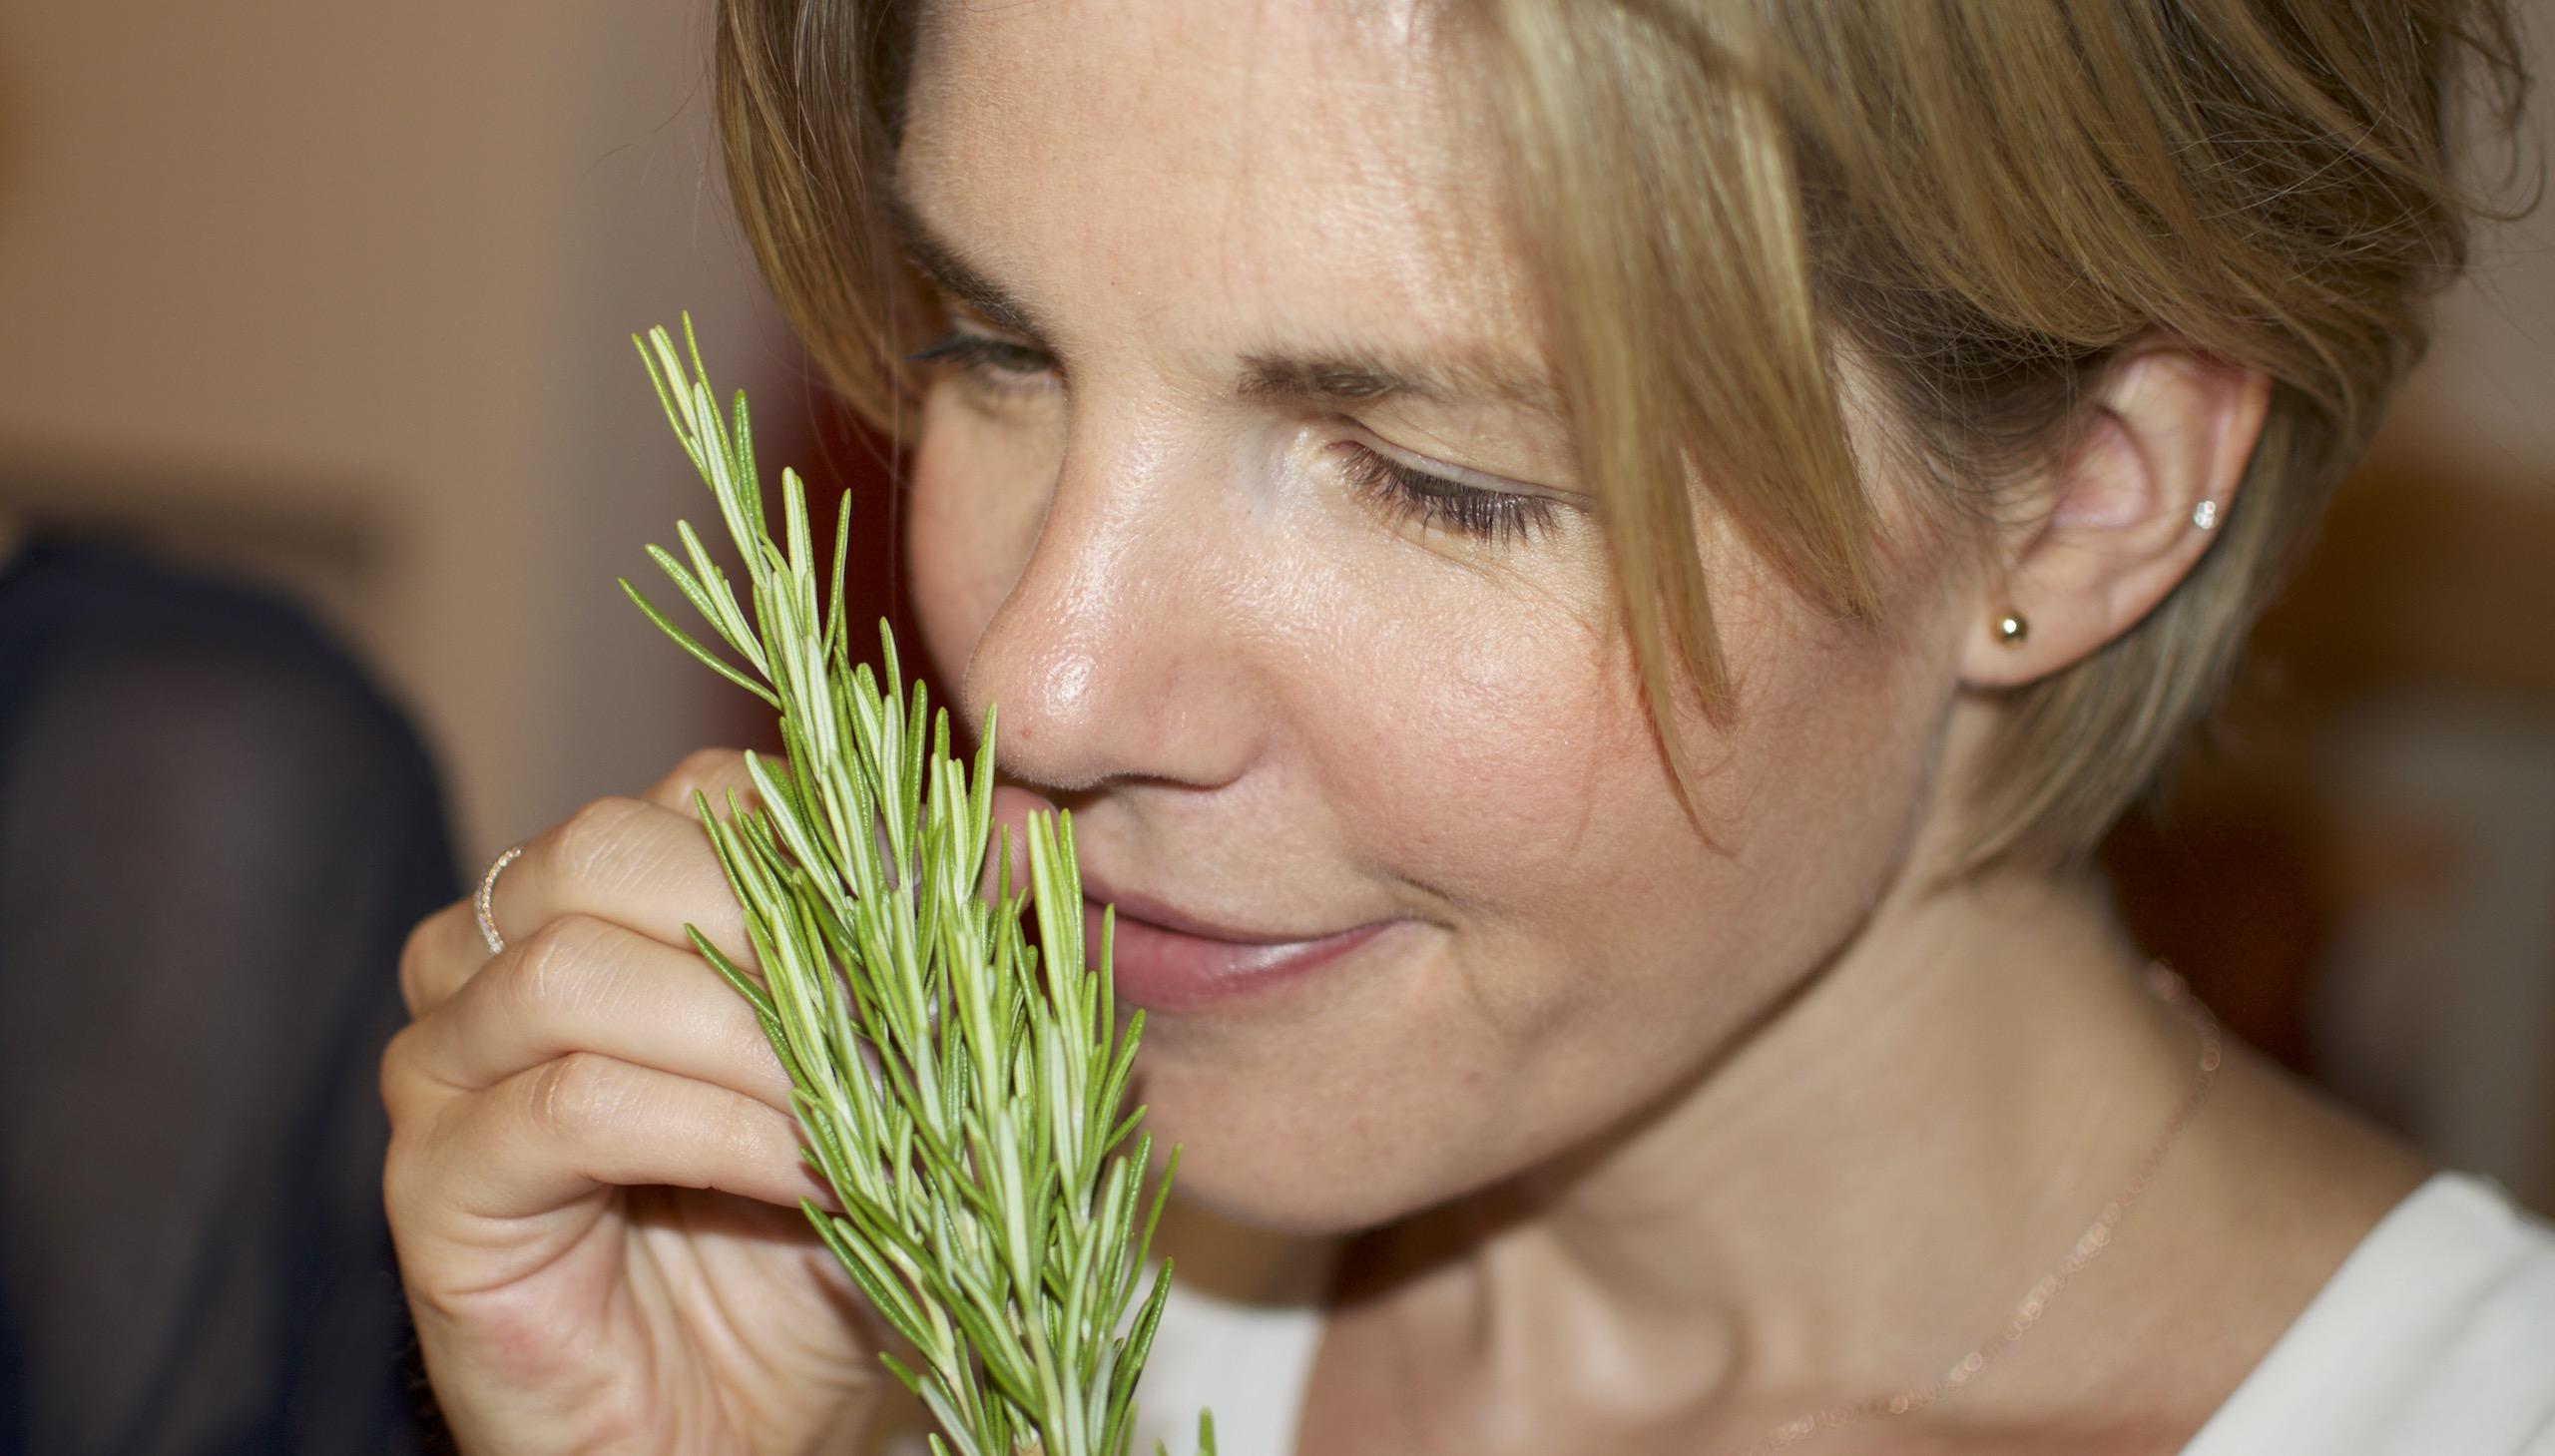 Frau mit blonden Haaren riecht an einem Rosmarinzweig. Porträtaufnahme